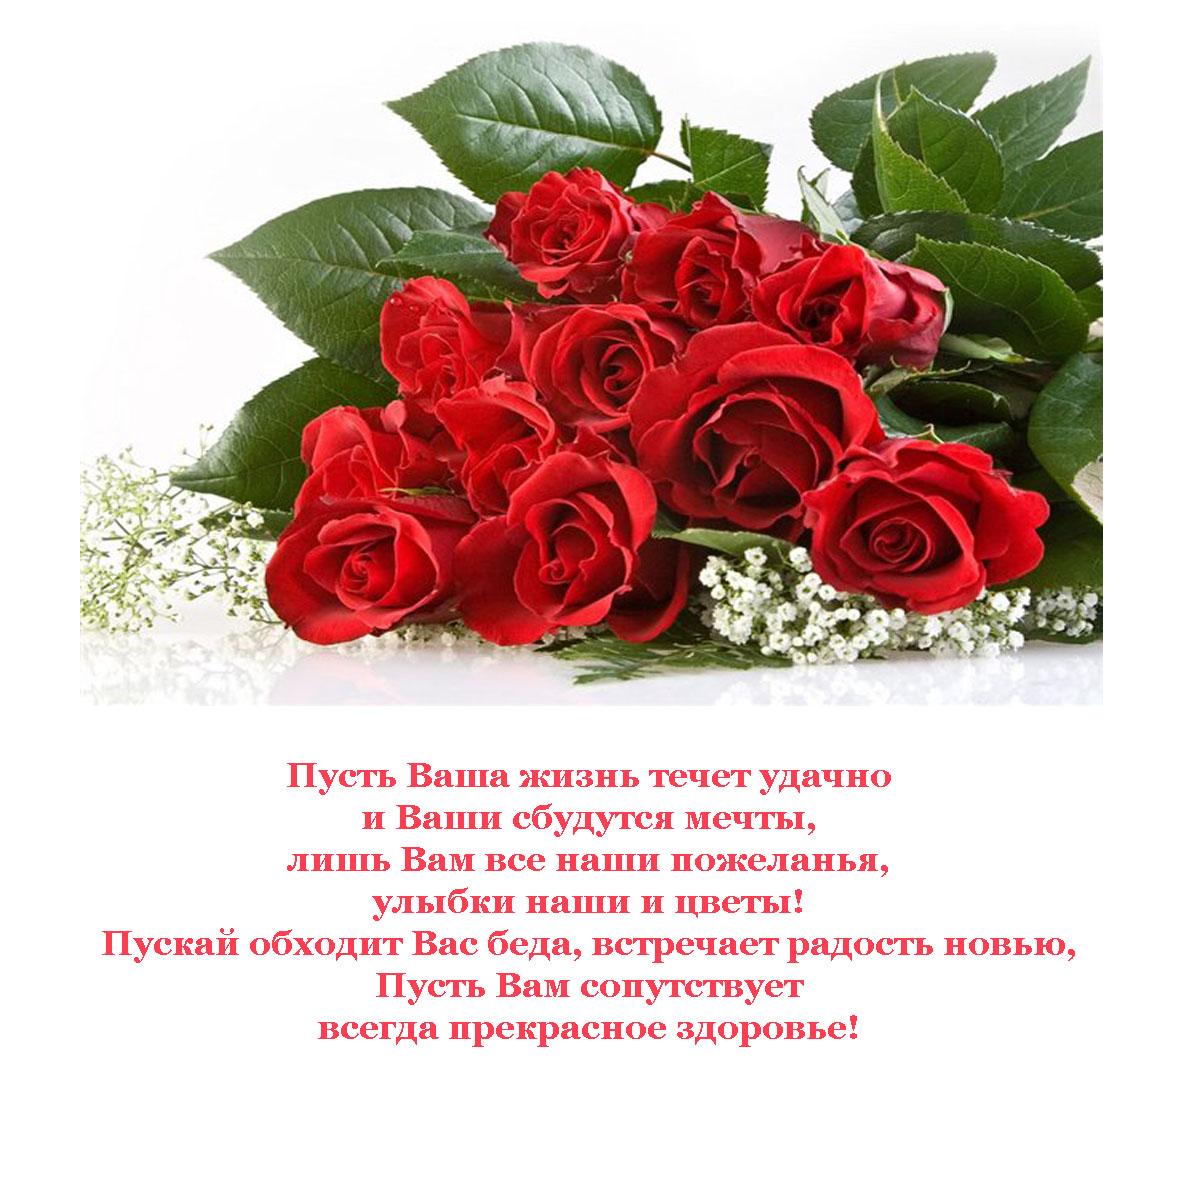 Стихи к подарку портрет ПОРТРЕТ и ШАРЖ на заказ Мурманск 27